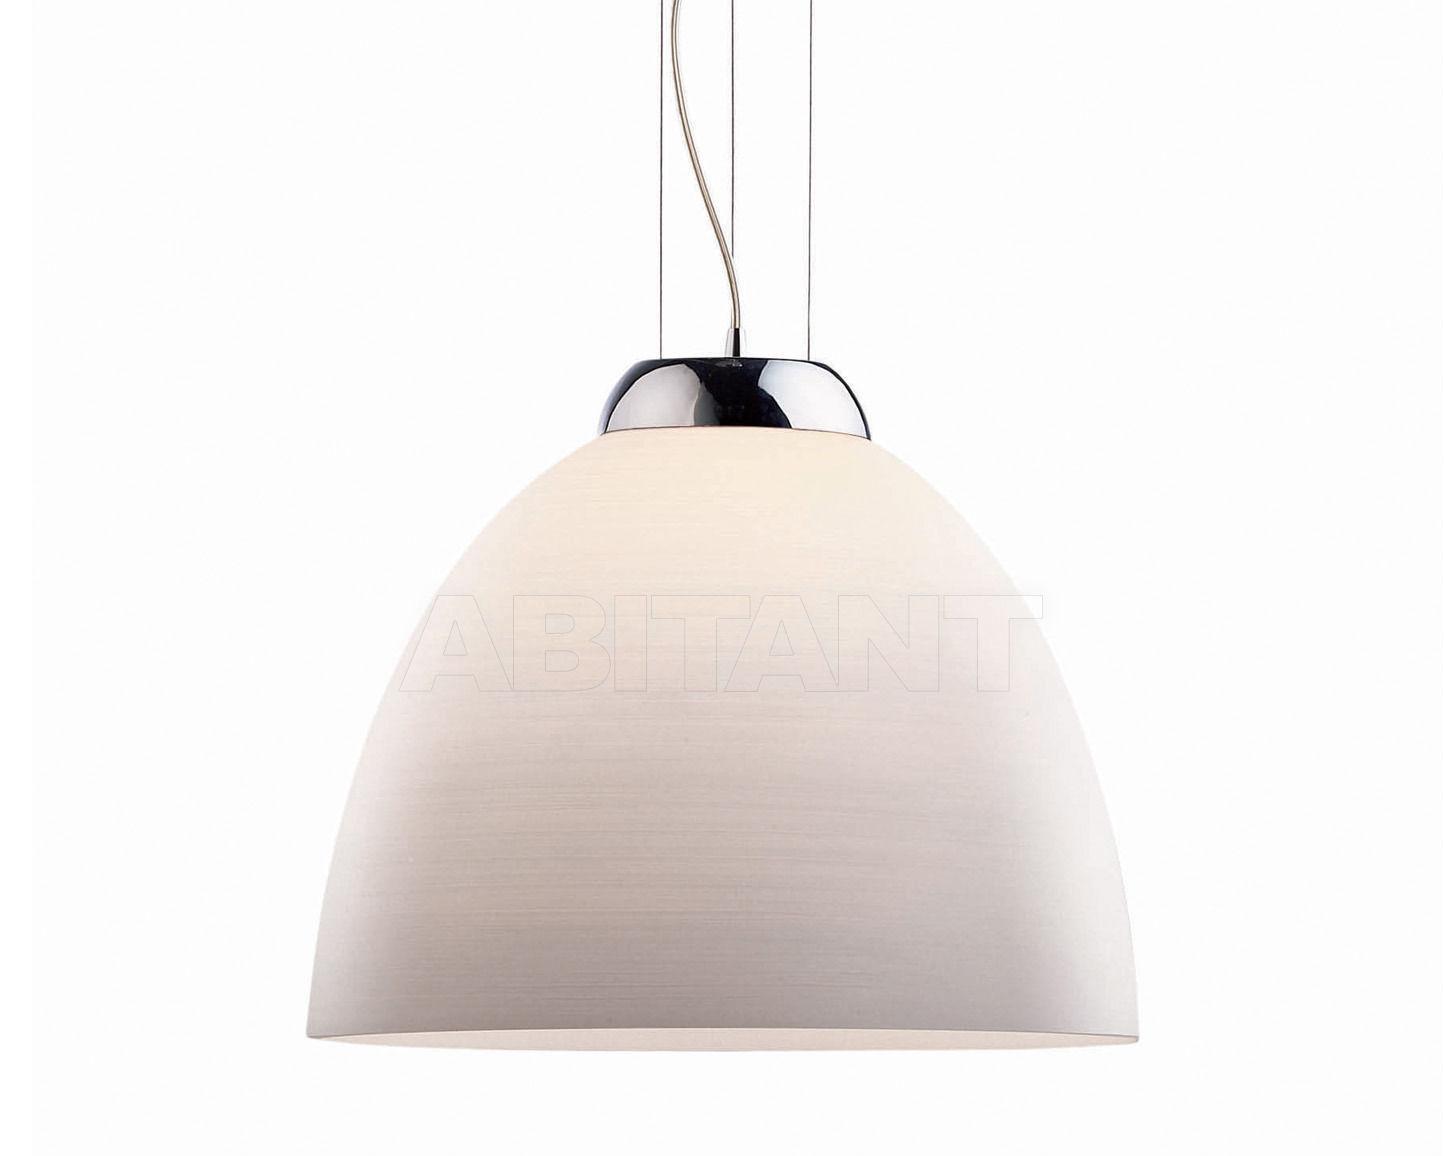 Купить Светильник Ideal Lux 2013-2014 TOLOMEO SP1 D40 BIANCO